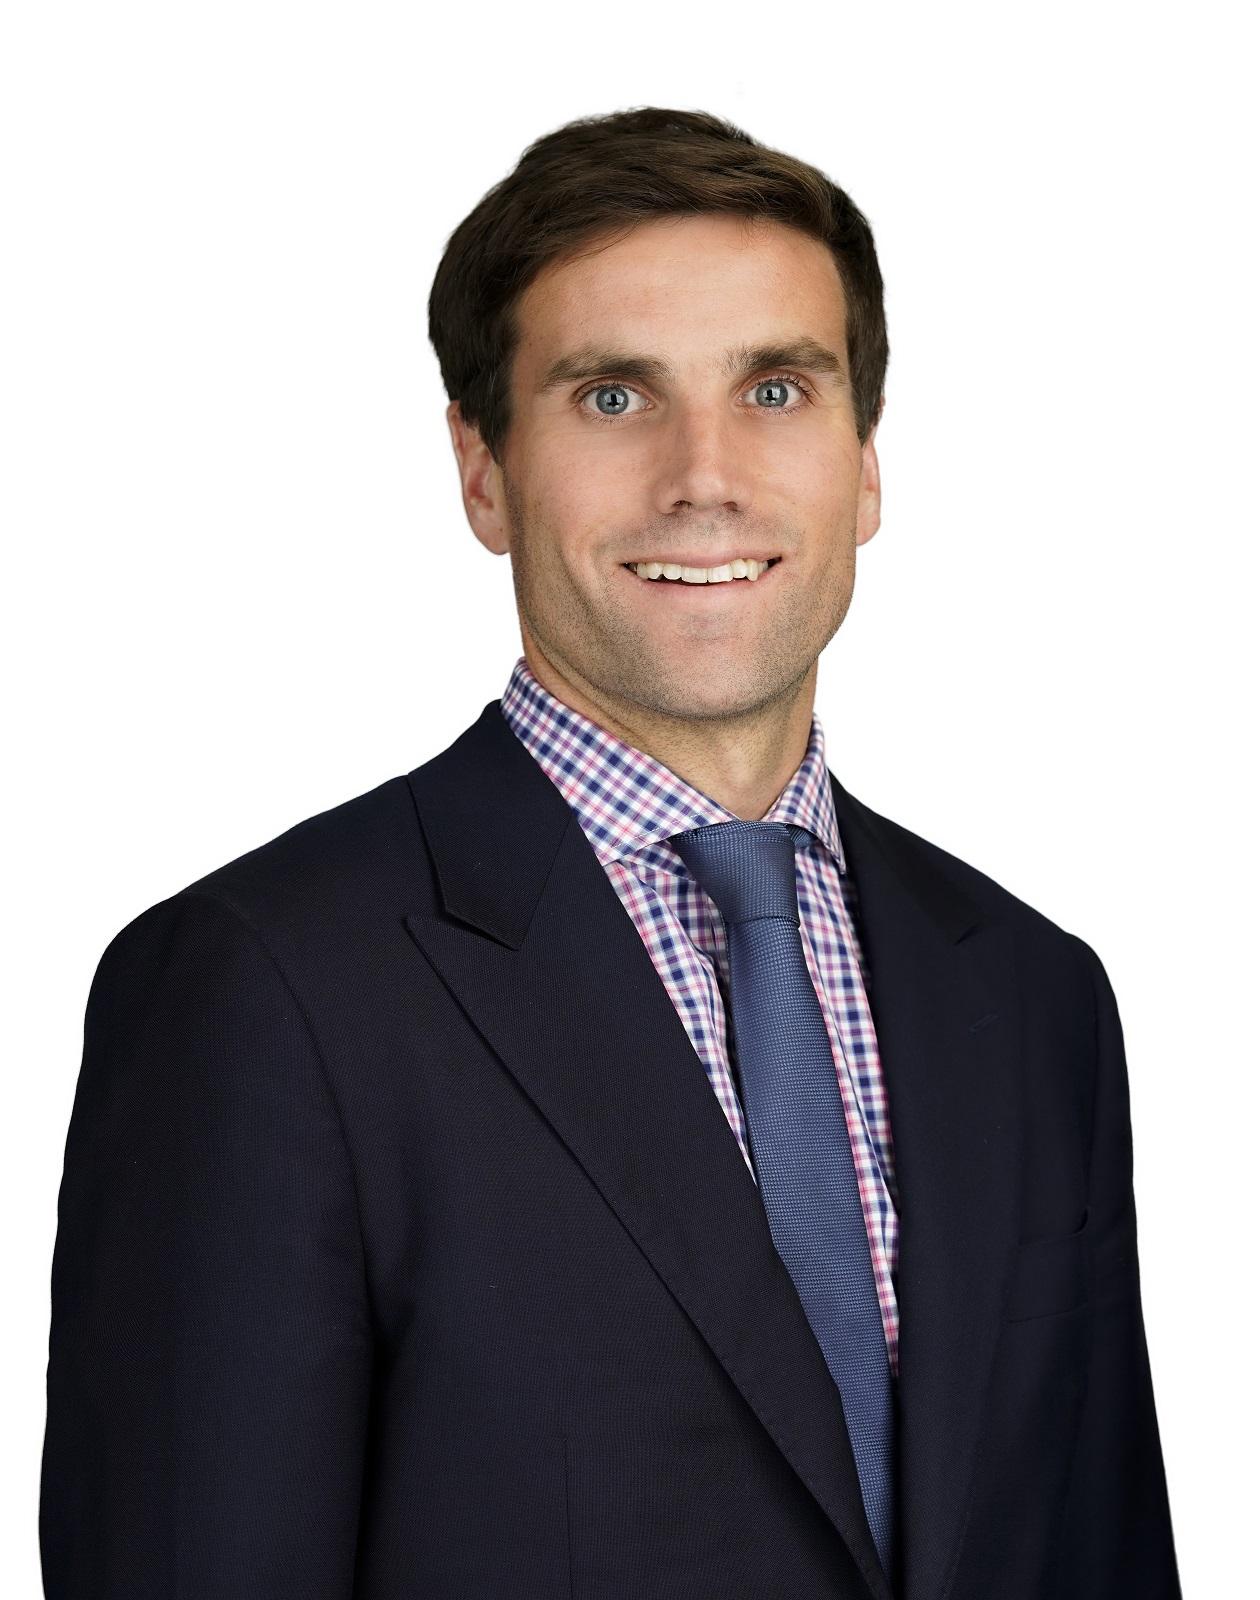 Scott Sherwen